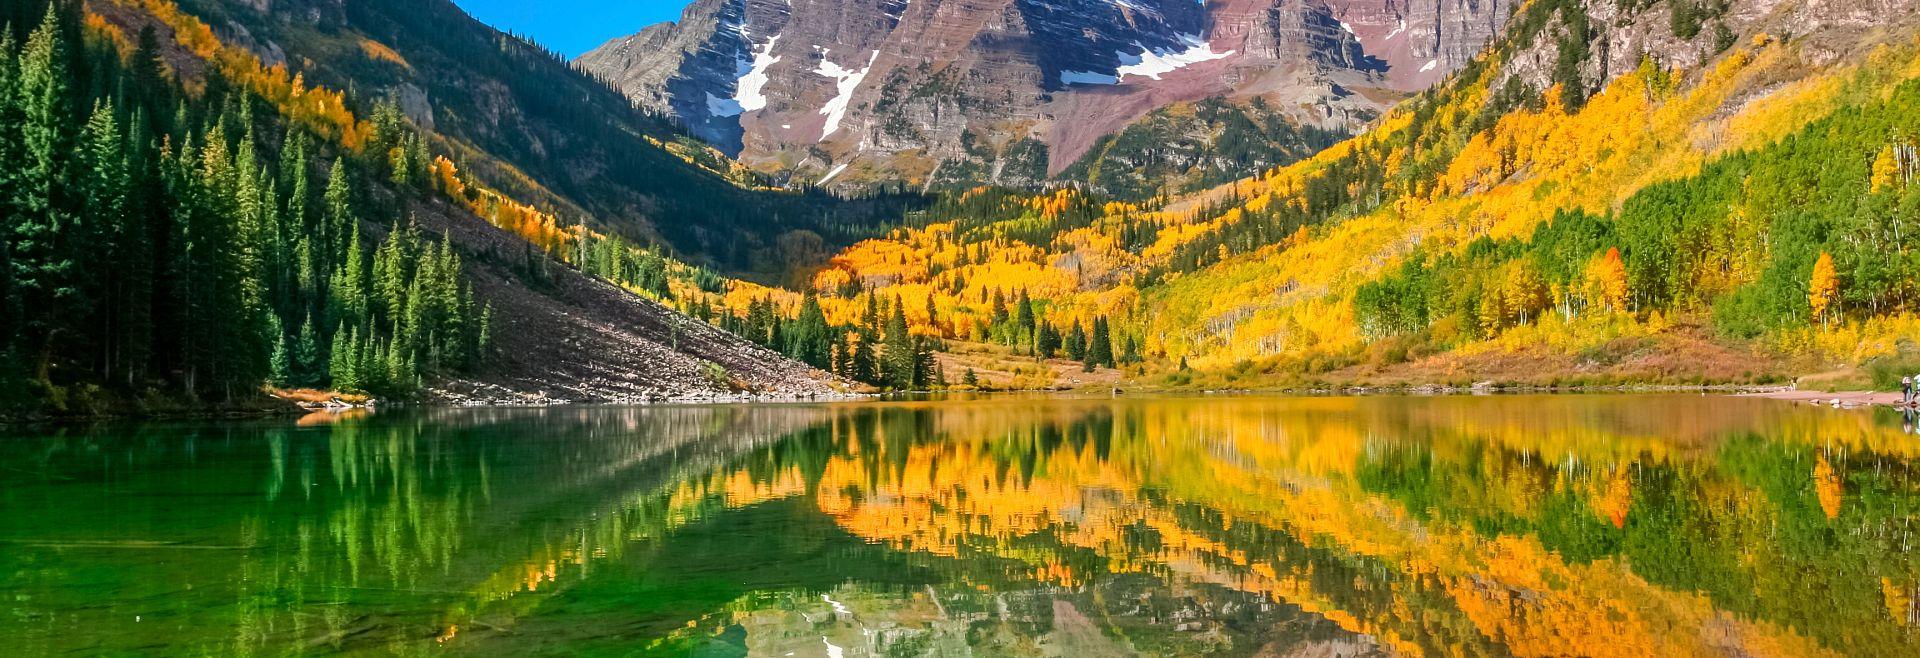 Blog Maroon Bells Fall Colors Aspen Colorado